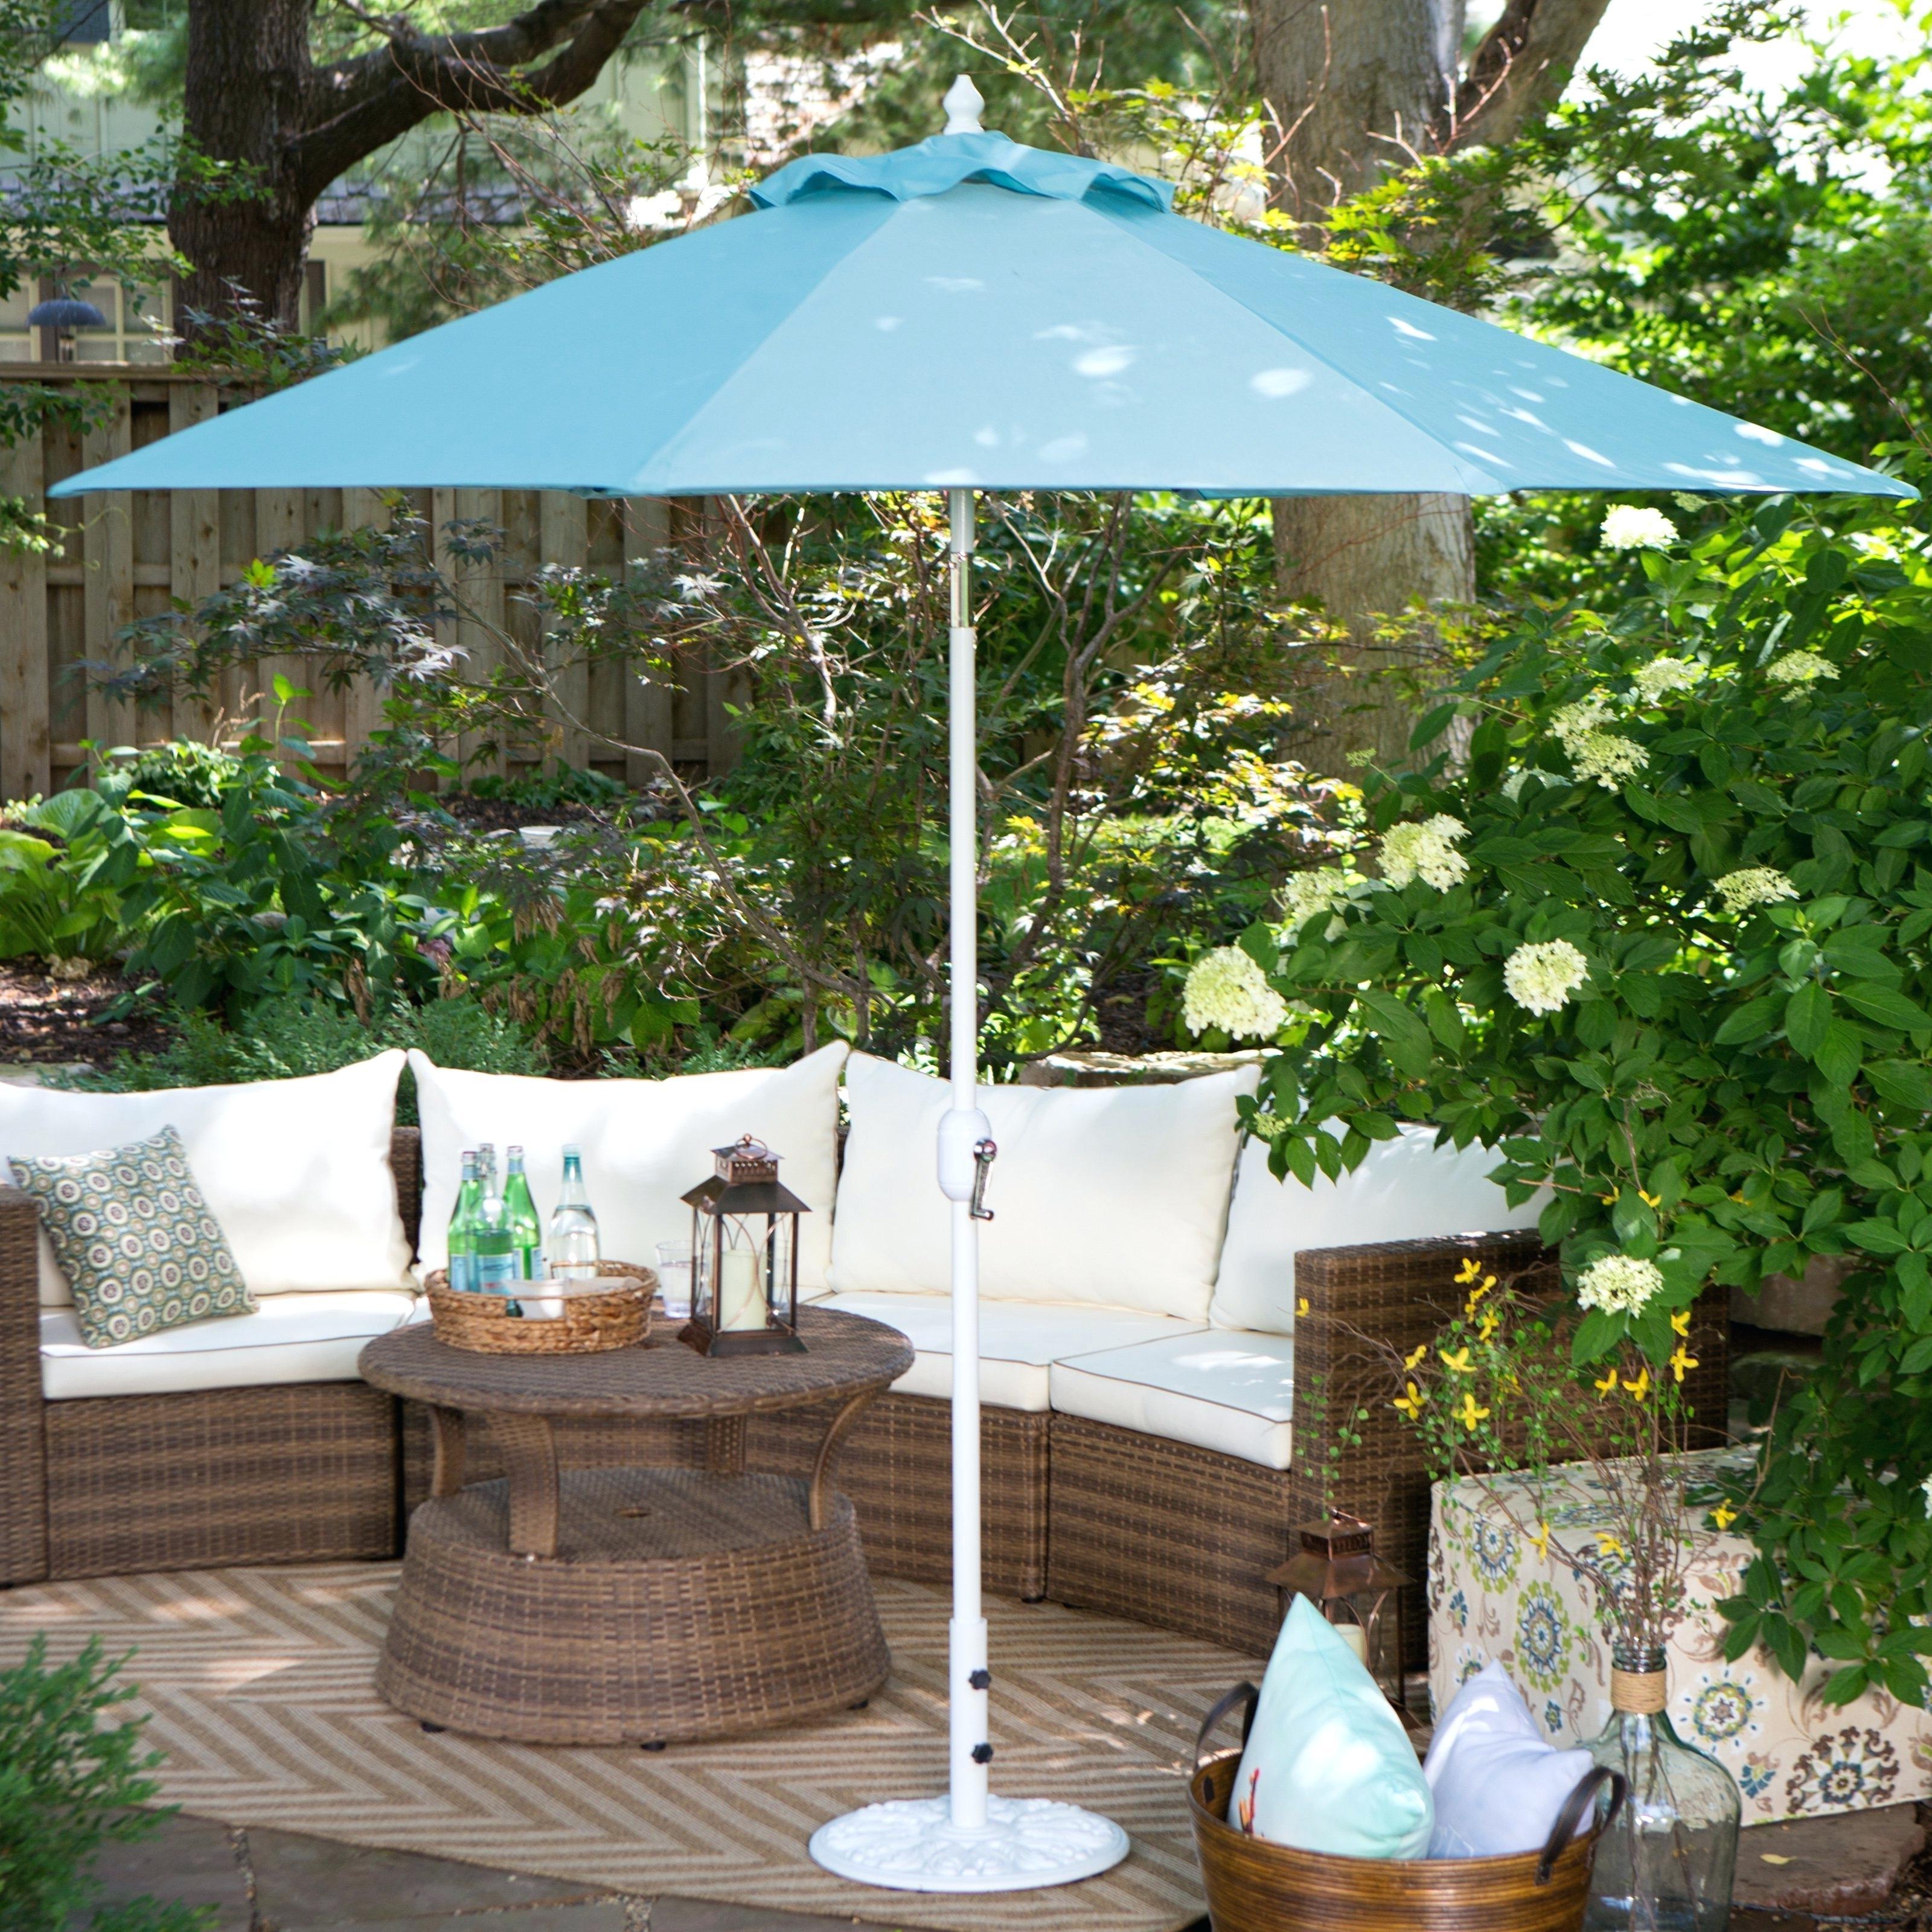 Exotic Patio Umbrellas In Most Up To Date Sunbrella Patio Umbrellas – Kemvaleo (View 5 of 20)